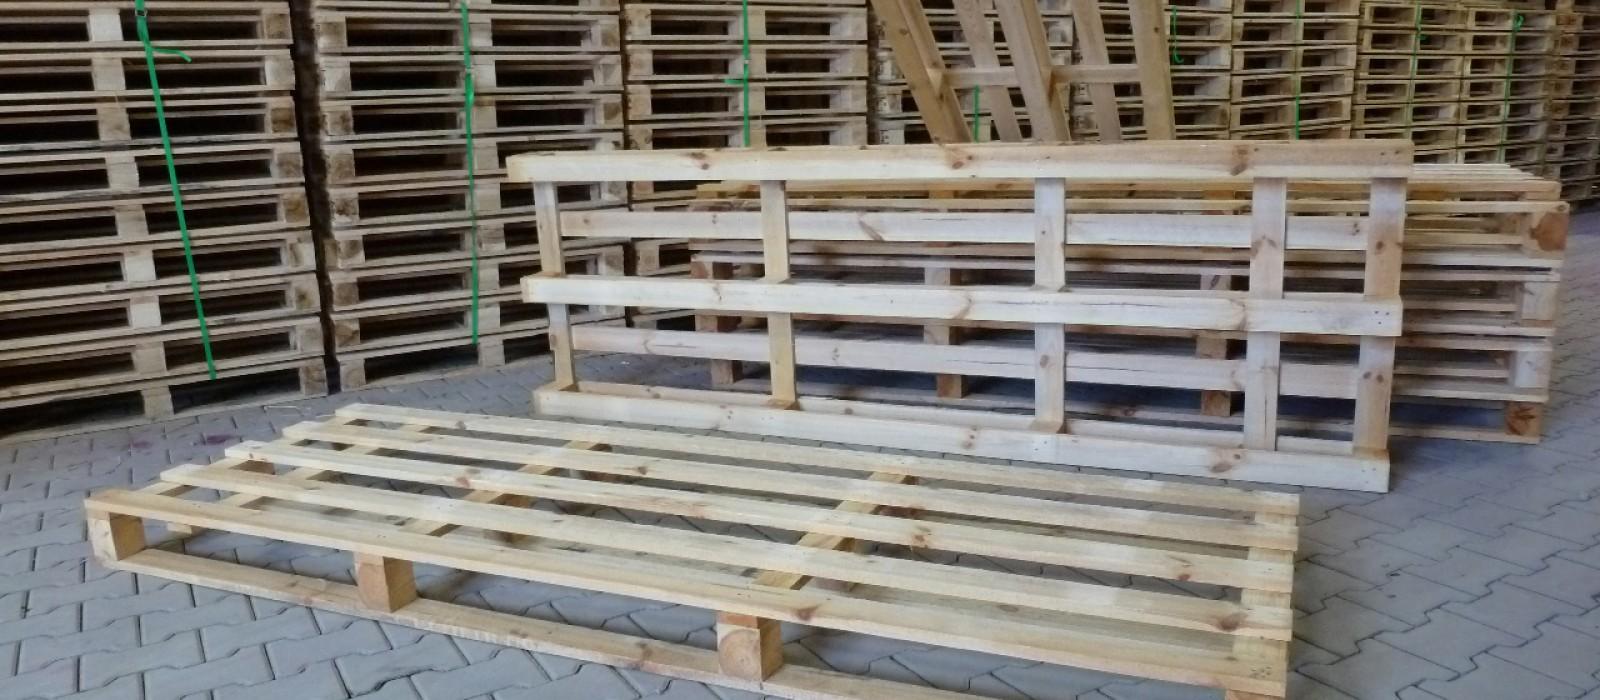 Holzpalette-2400×800-als-4-Wege-Palette